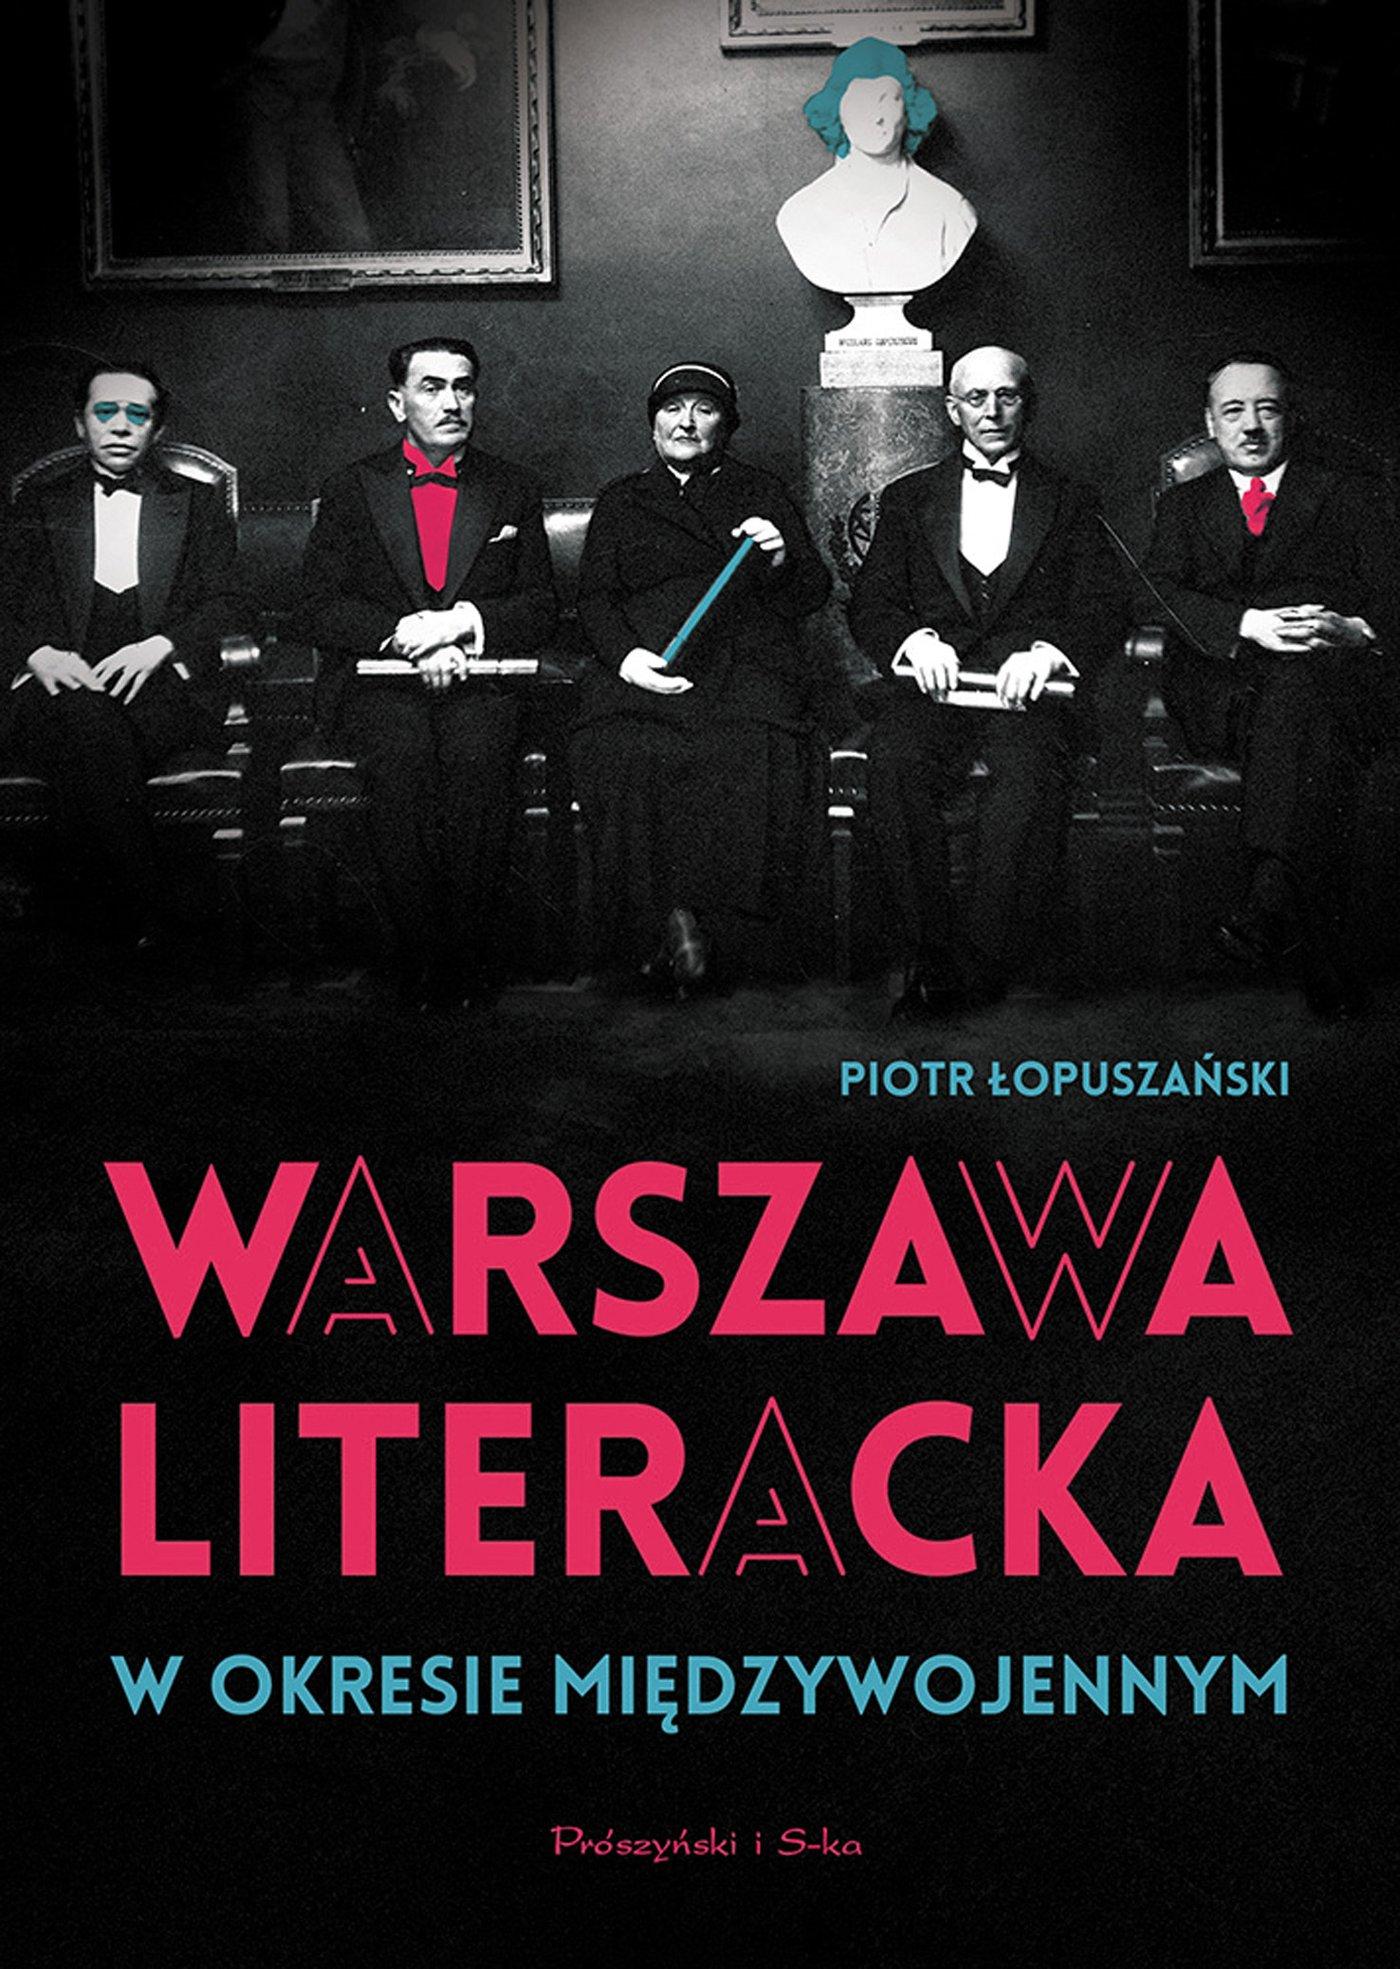 Warszawa literacka w okresie międzywojennym - Ebook (Książka na Kindle) do pobrania w formacie MOBI